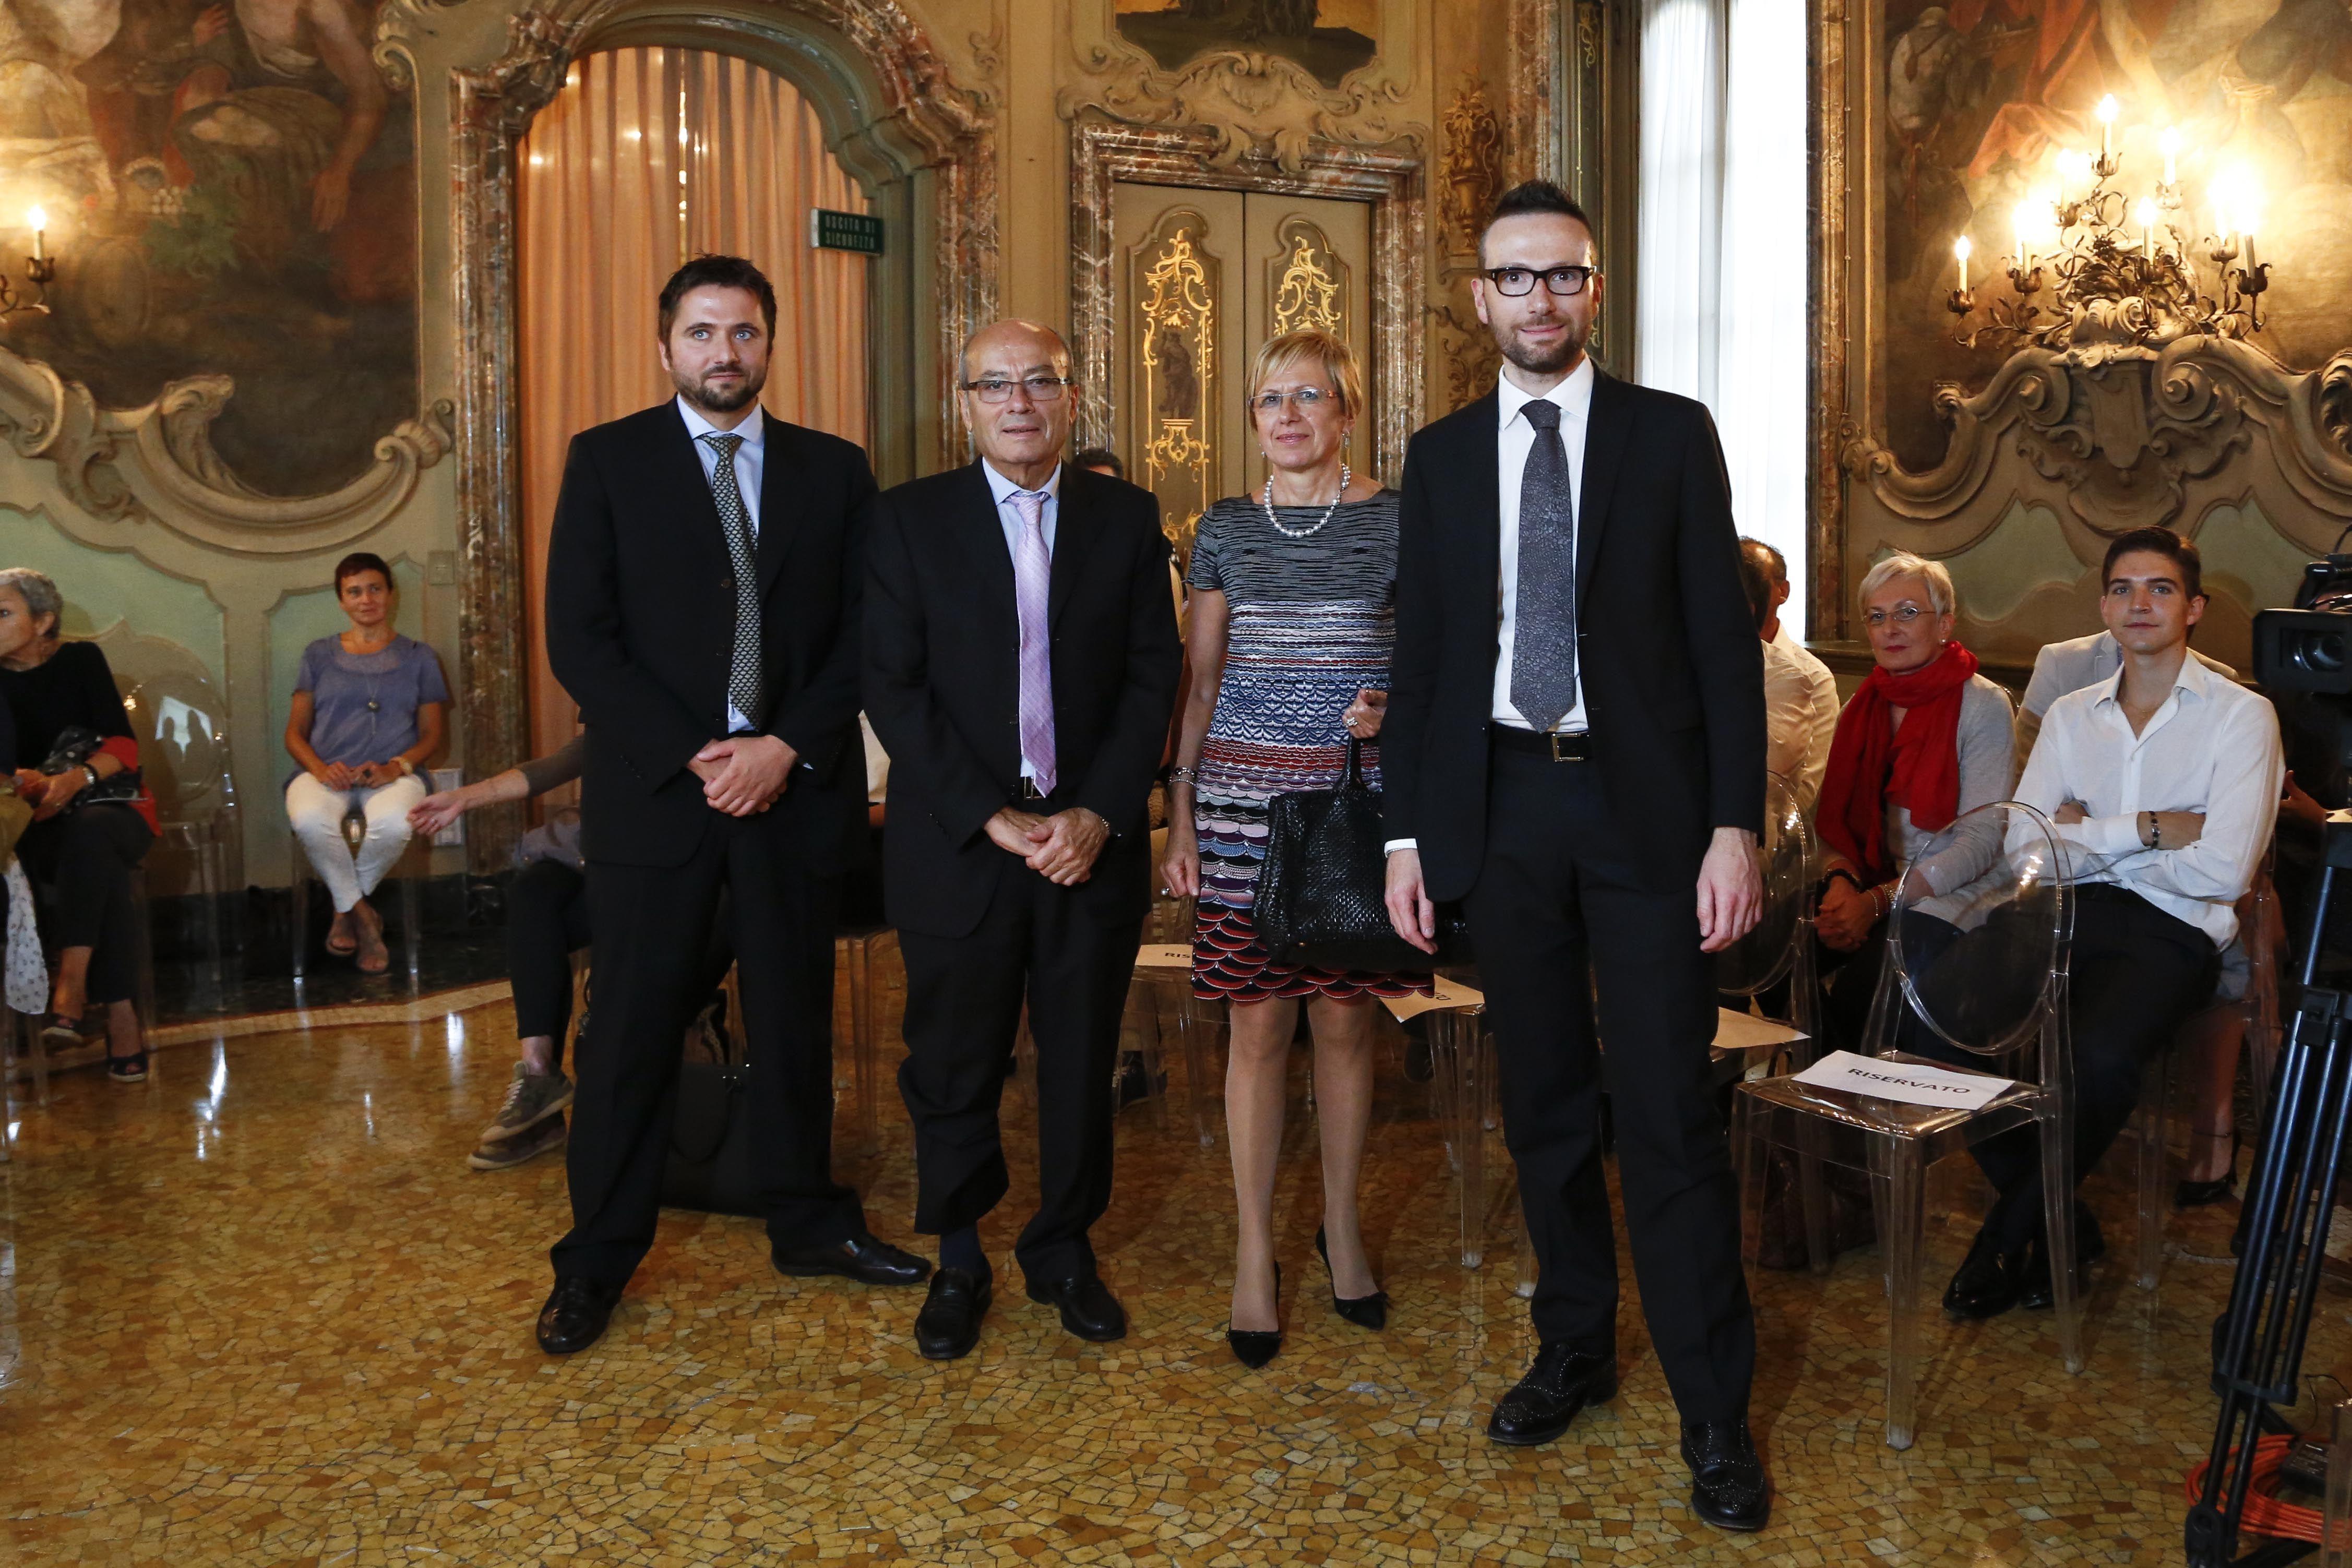 Famiglia Pinelli. Milano Moda Donna 2014: Solidea, le calze a compressione graduata in passerella. Sfilata 16/09/14 #events